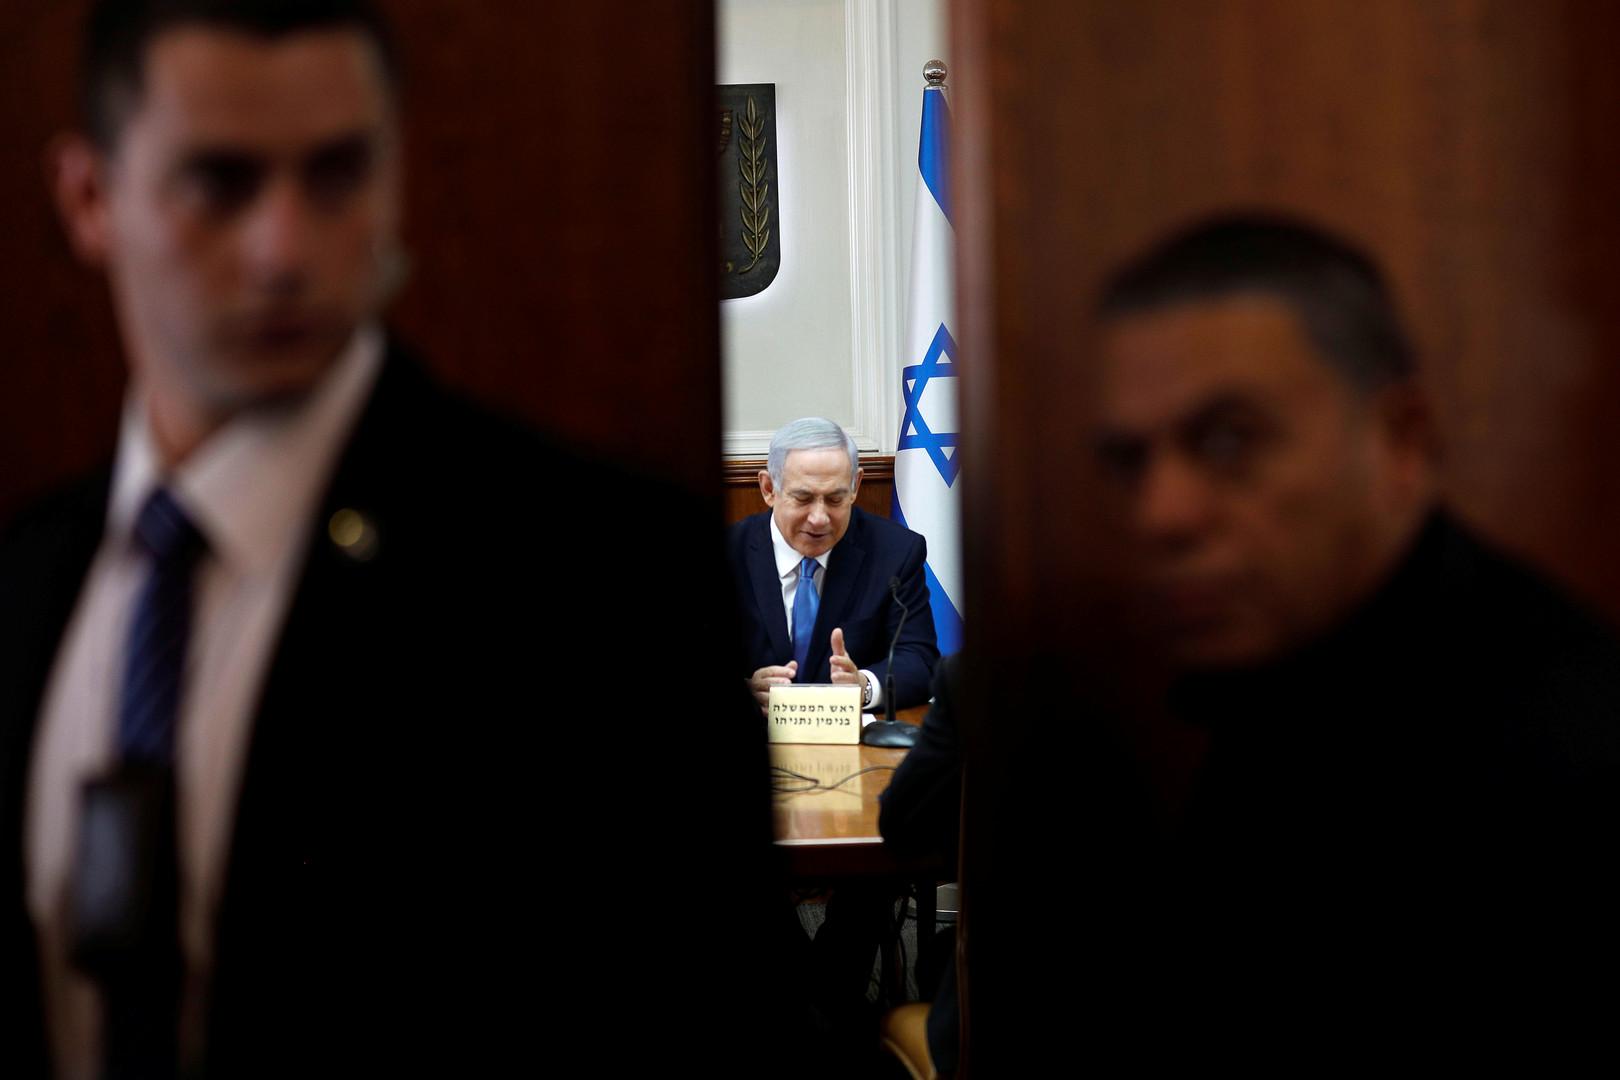 صحيفة أمريكية: إسرائيل لعبت دورا خفيا ملموسا في التصعيد مع إيران لكنها تخشى من الحرب